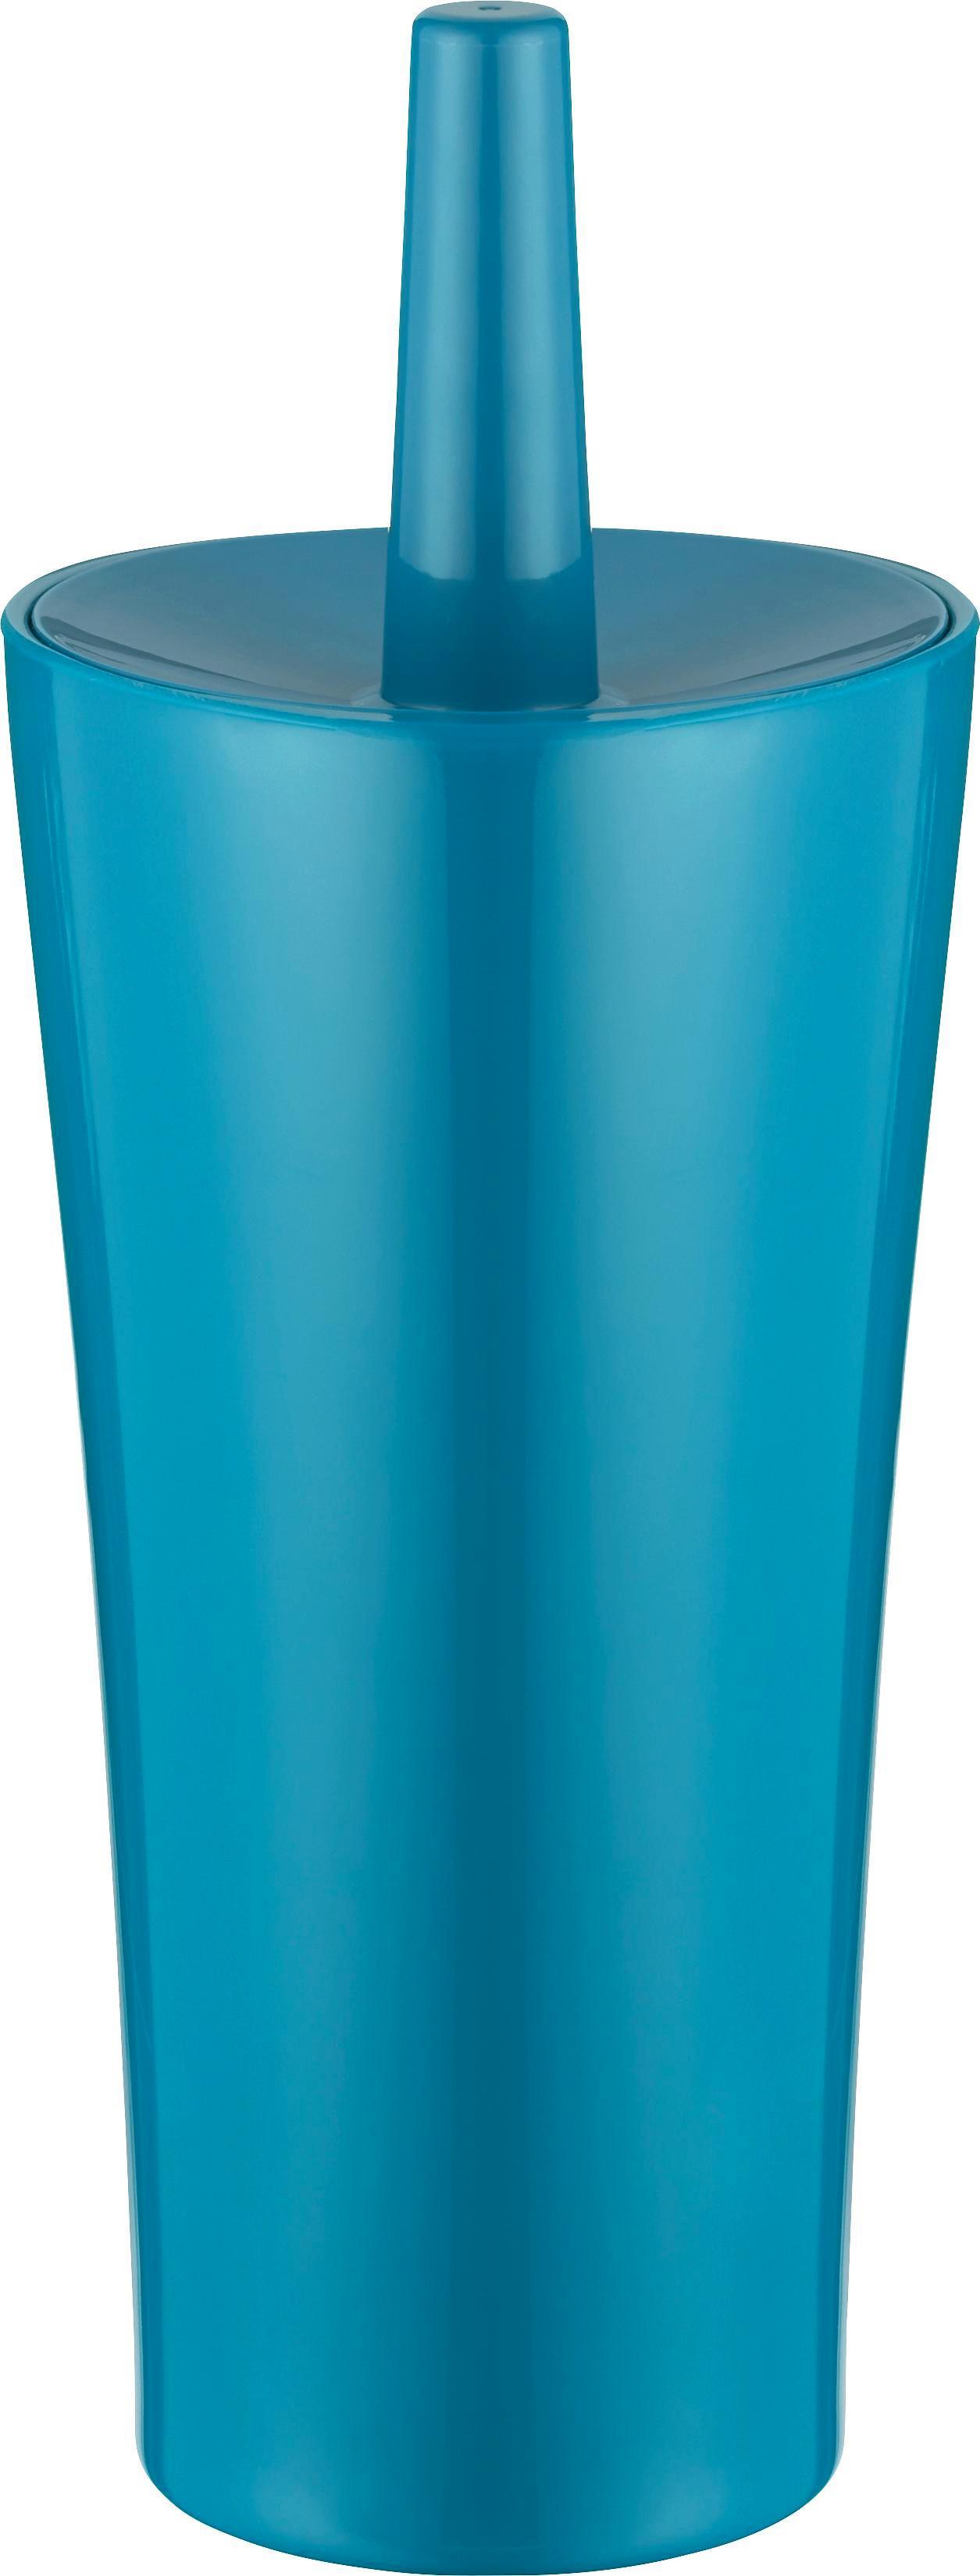 WC-Bürste Bella in Petrol - Petrol, Kunststoff (12,4/32,5cm) - MÖMAX modern living